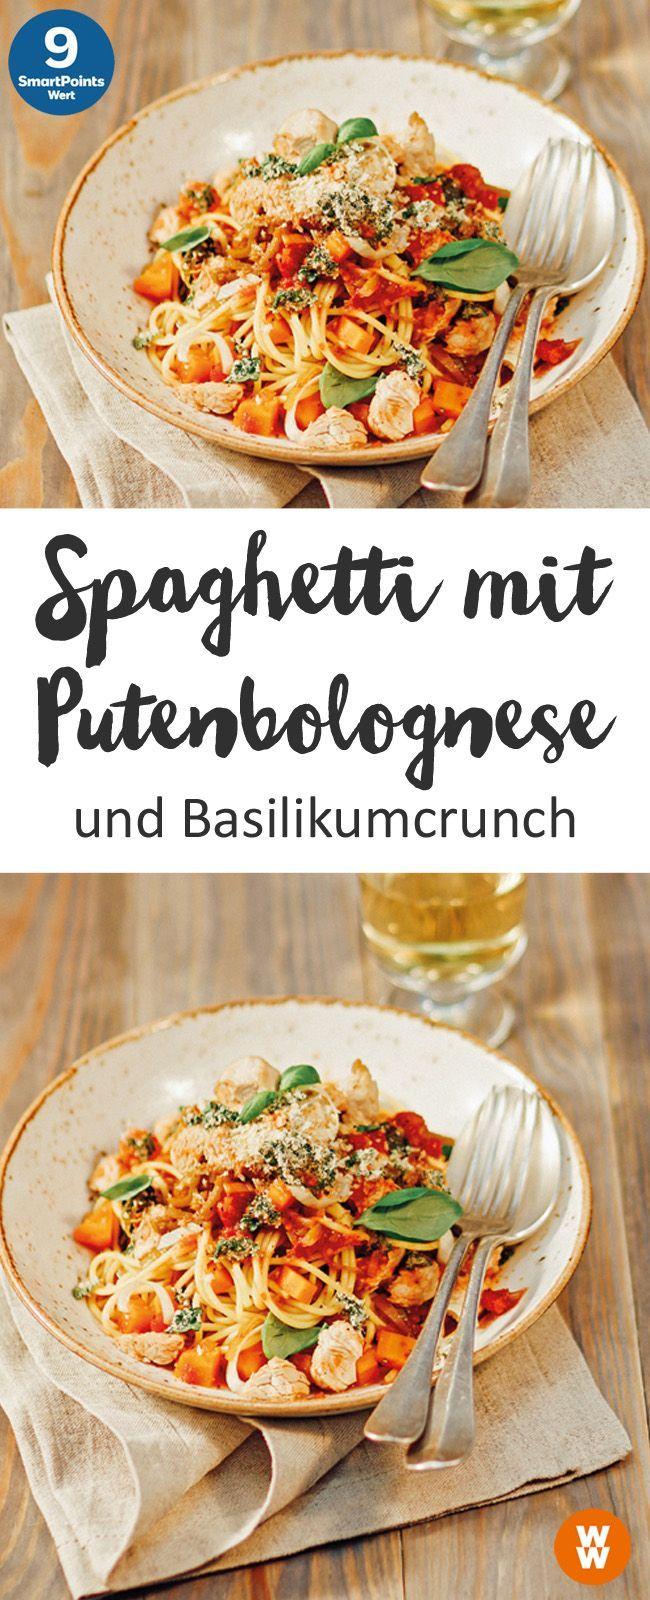 abendessen leicht Spaghetti mit Putenbolognese und Basilikumcrunch Pasta Hauptgericht Bolognes  Spaghetti mit Putenbolognese und Basilikumcrunch Pasta Hauptgericht Bologn...